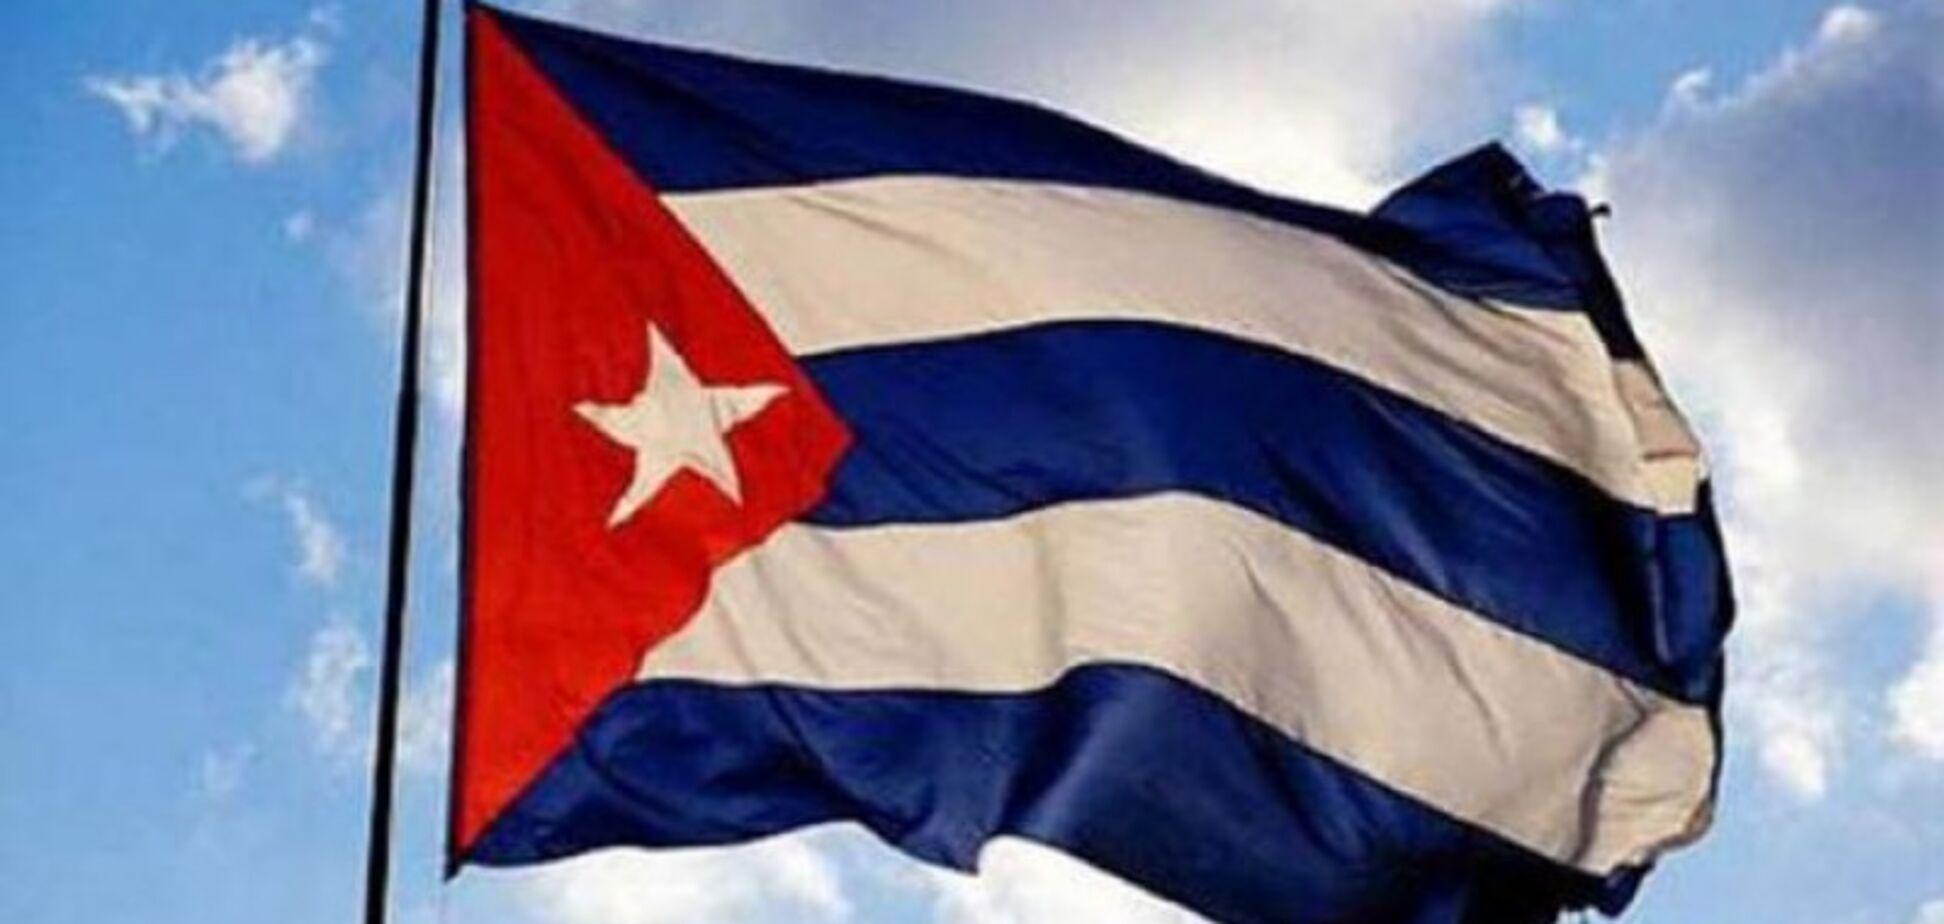 Вперше за 60 років на Кубі обрали не Кастро: що відомо про нового главу